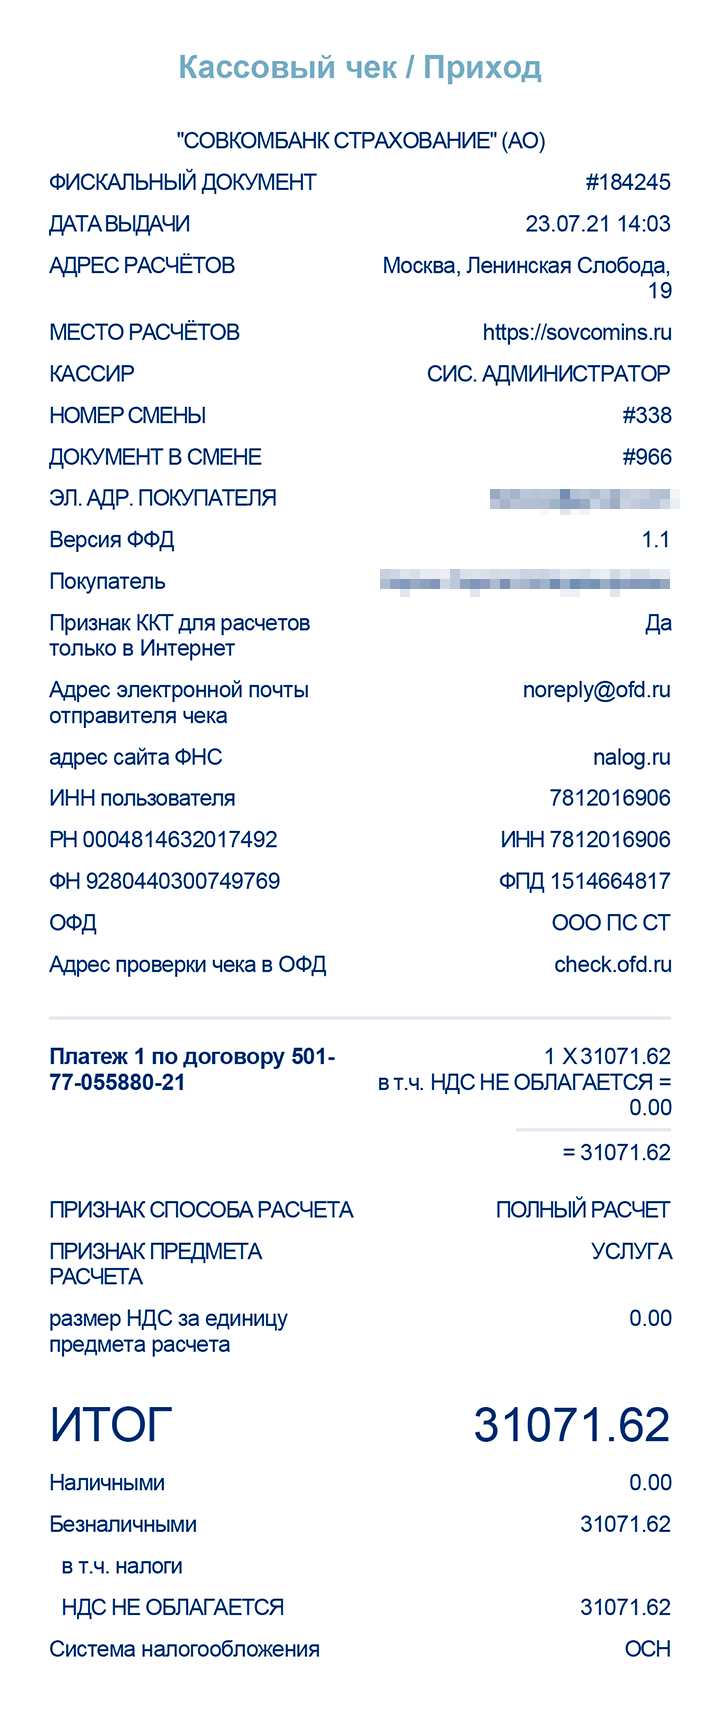 Новая страховка обошлась нам на 18тысяч рублей дешевле, чем продление старой